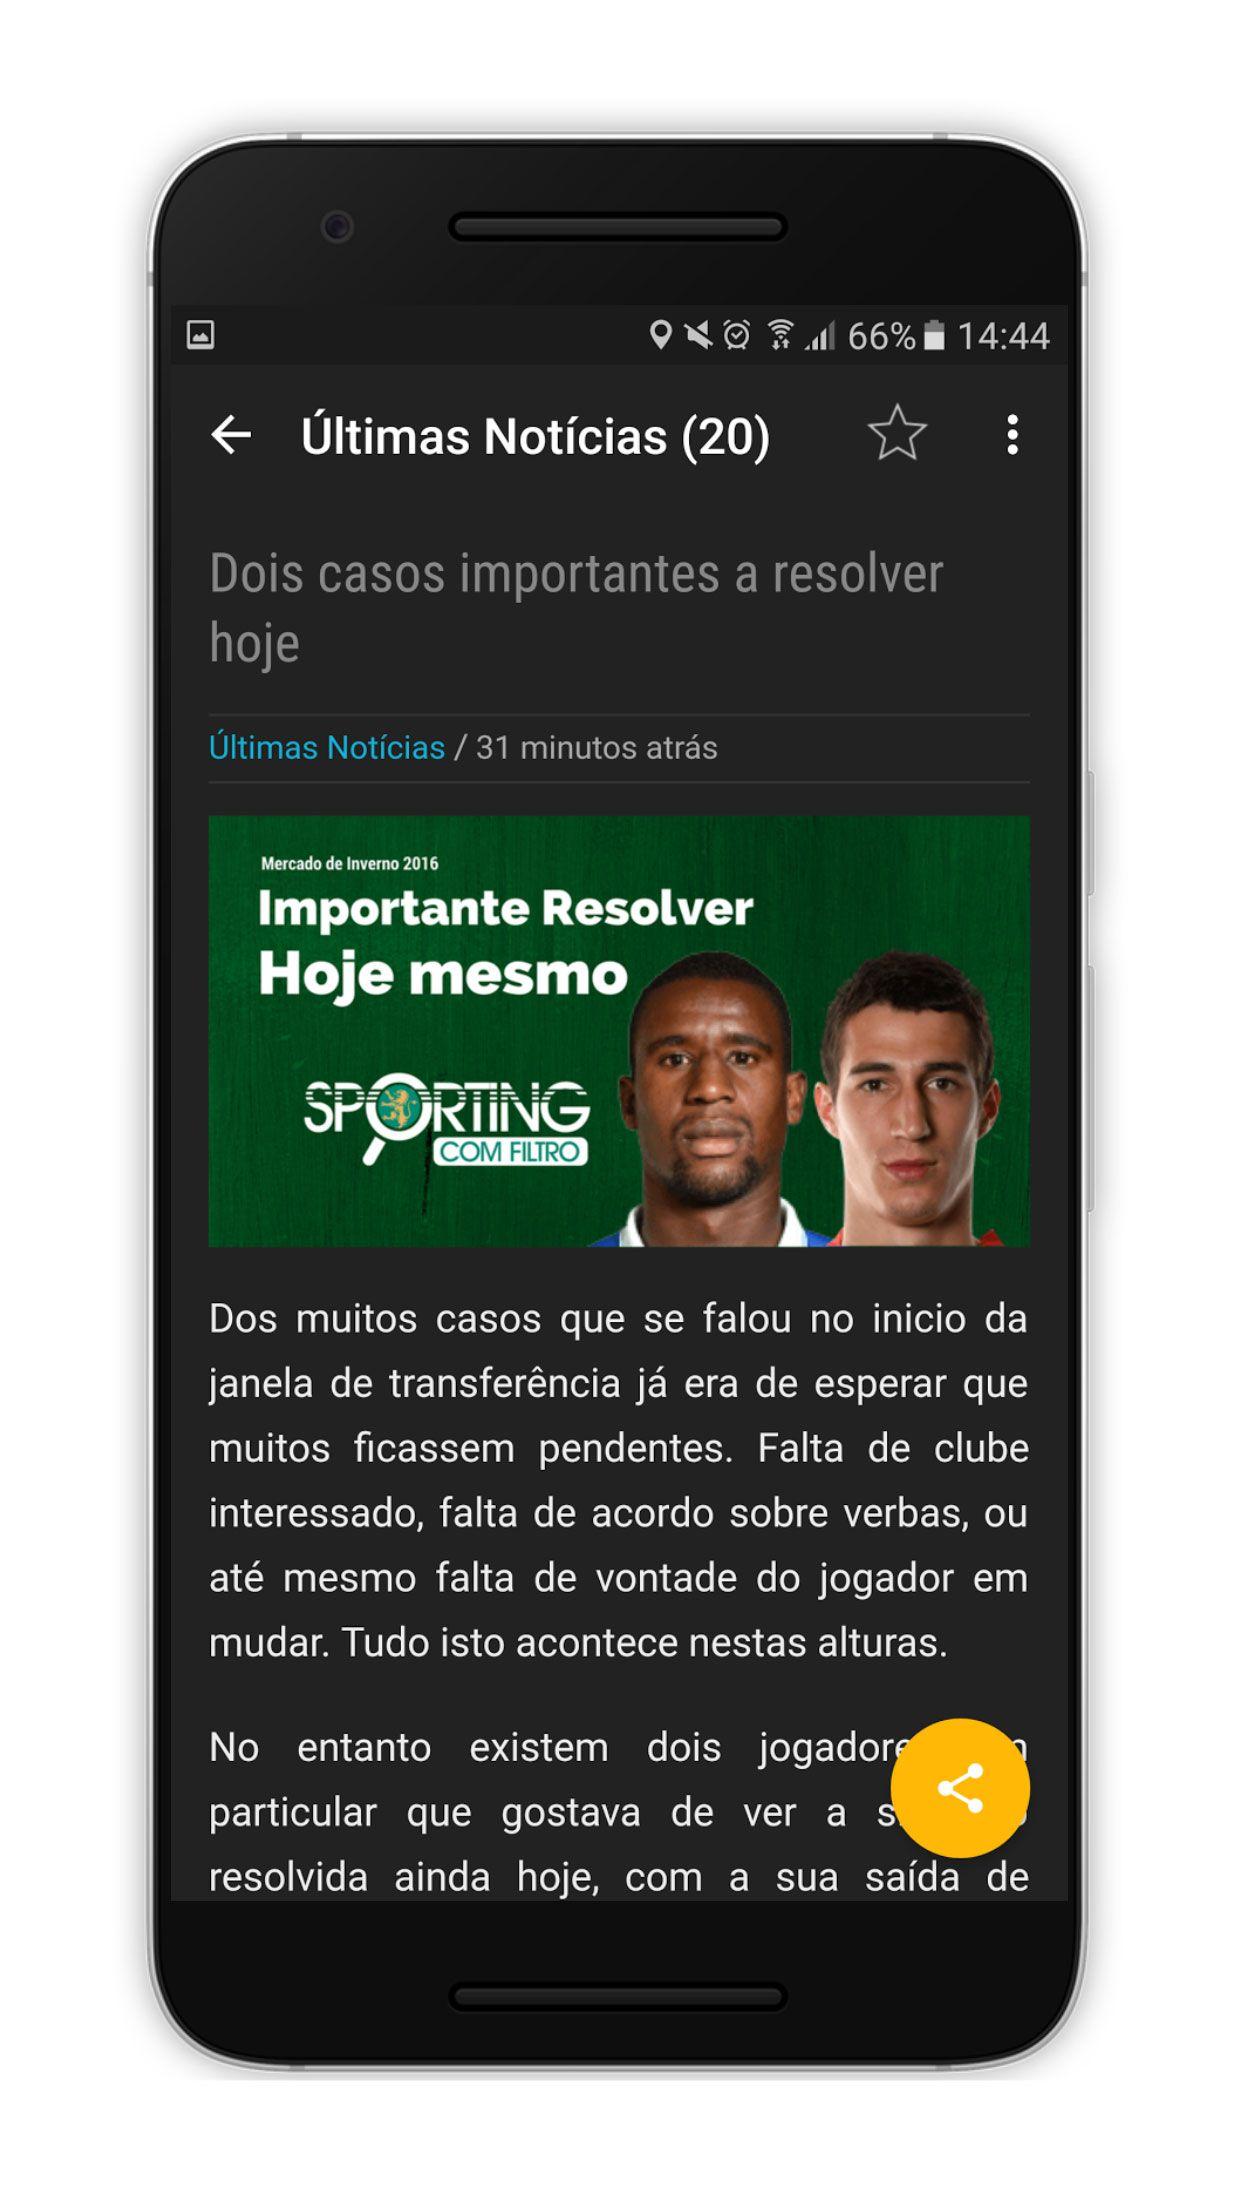 SportingUnido Android Screenshot 3 Android, aplicação, App, futebol, Google Play, Notícias, Sporting Clube de Portugal, Sporting Unido